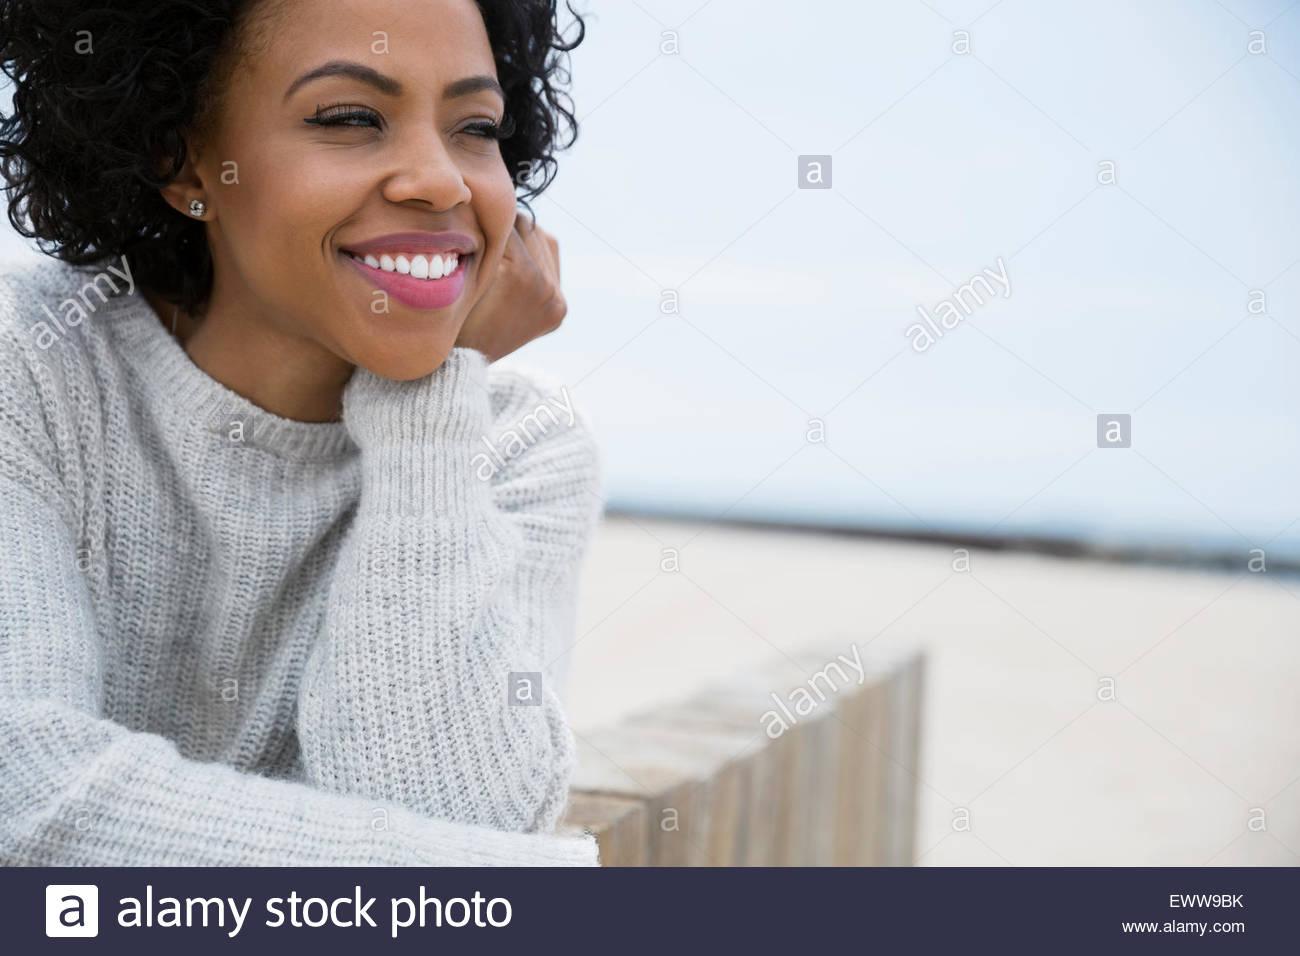 Retrato mujer sonriente rizado cabello negro en la playa Imagen De Stock